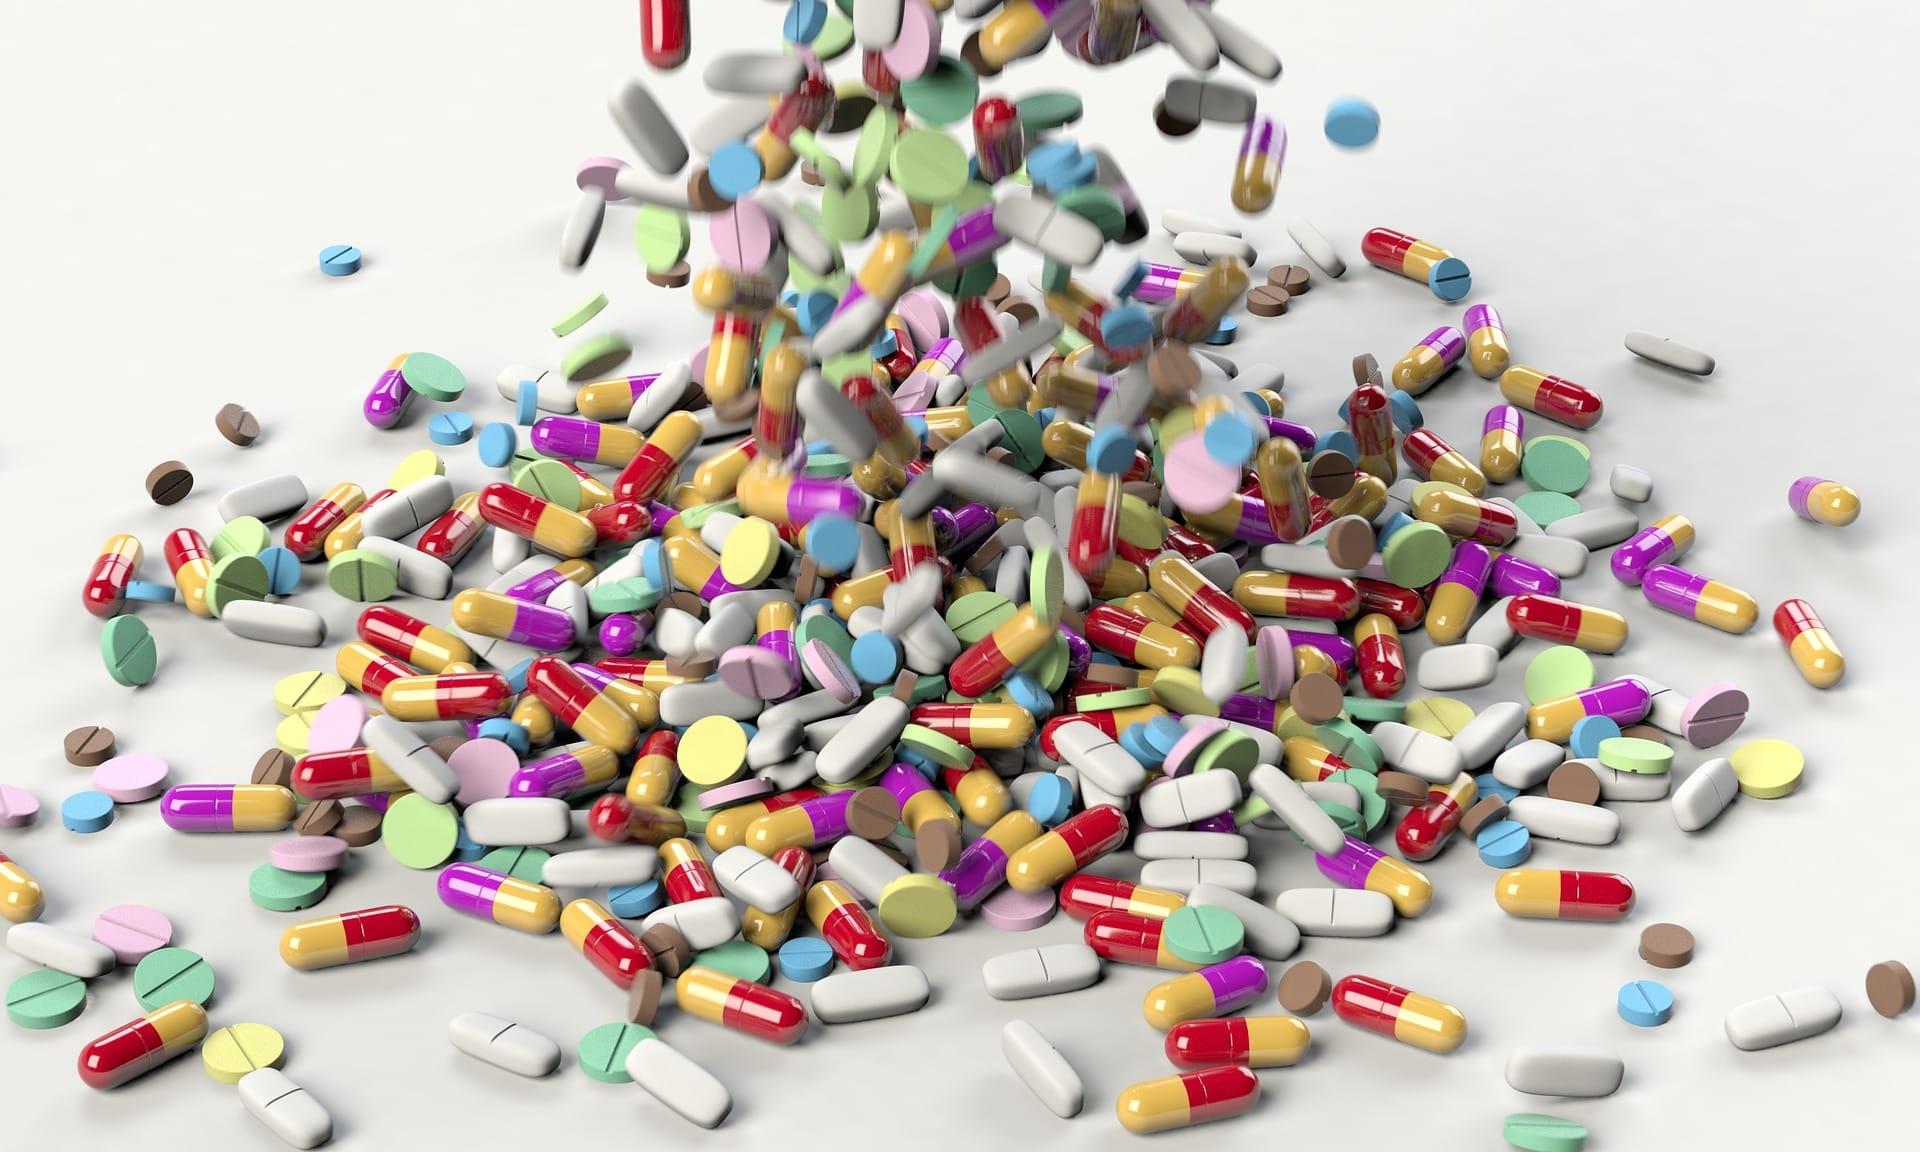 Ibiza Calm - Addiction to Prescription Stimulants